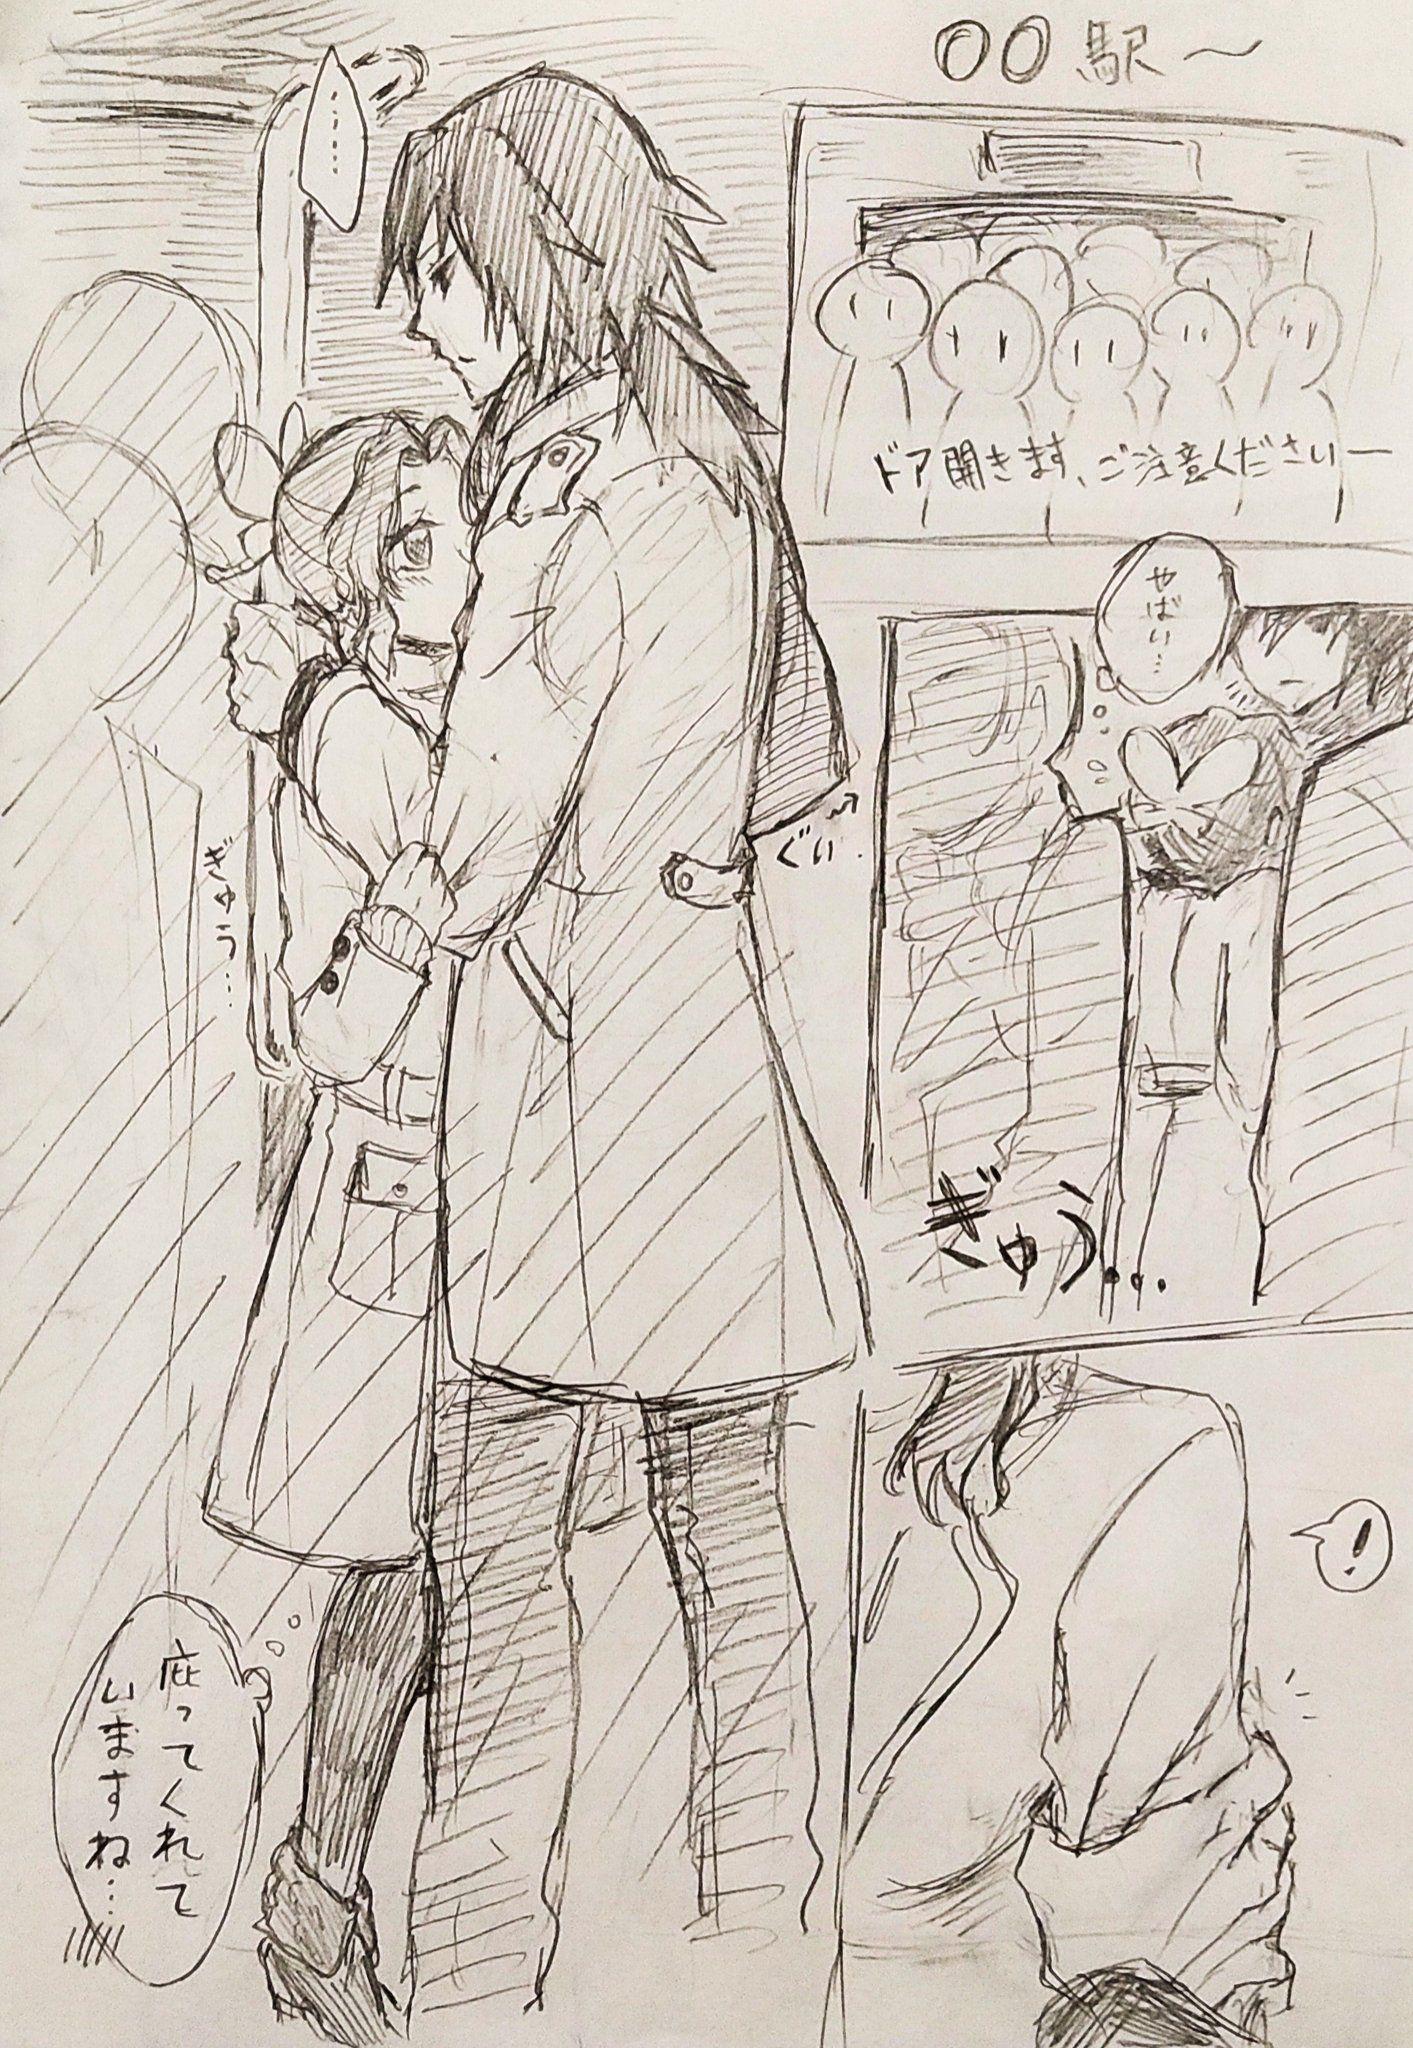 Twitter 画像あり 絵 アニメ アニメ アニメのカップル